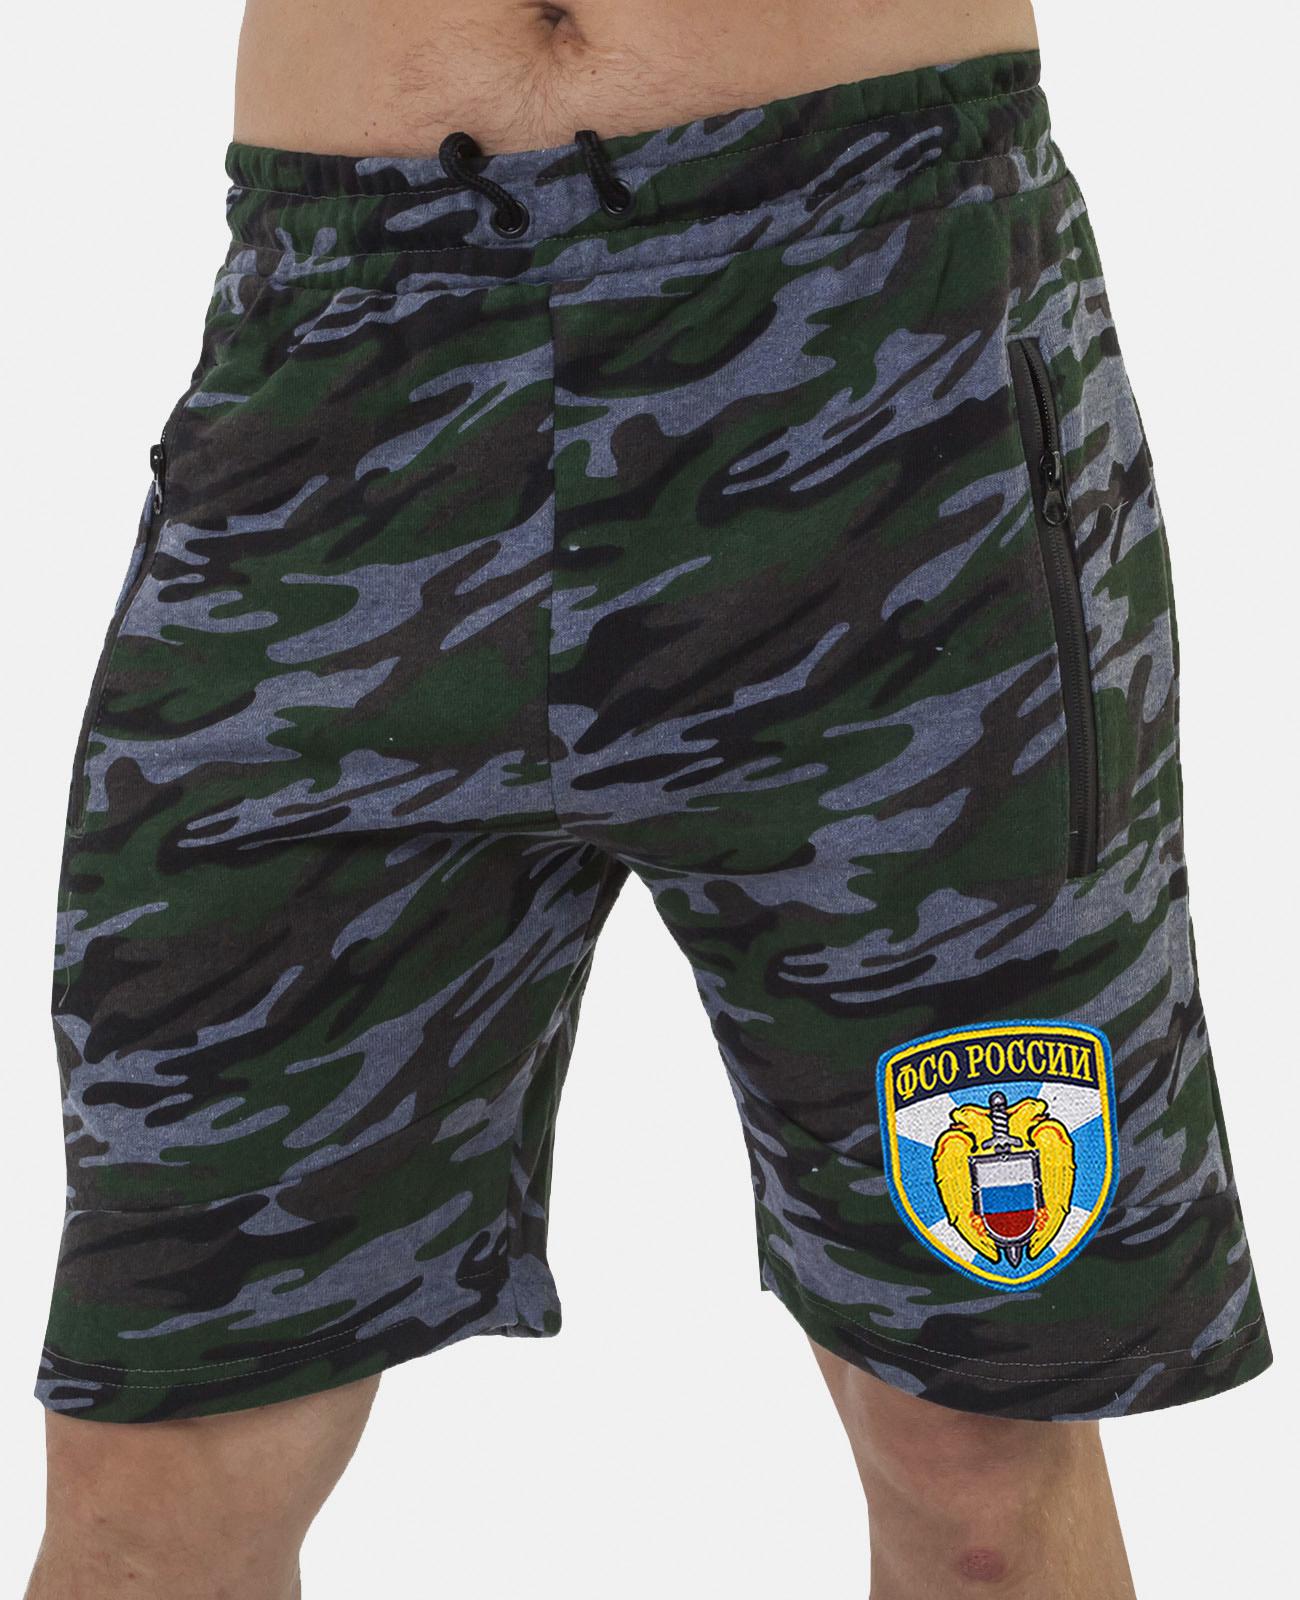 Купить камуфляжные милитари шорты с нашивкой ФСО выгодно онлайн